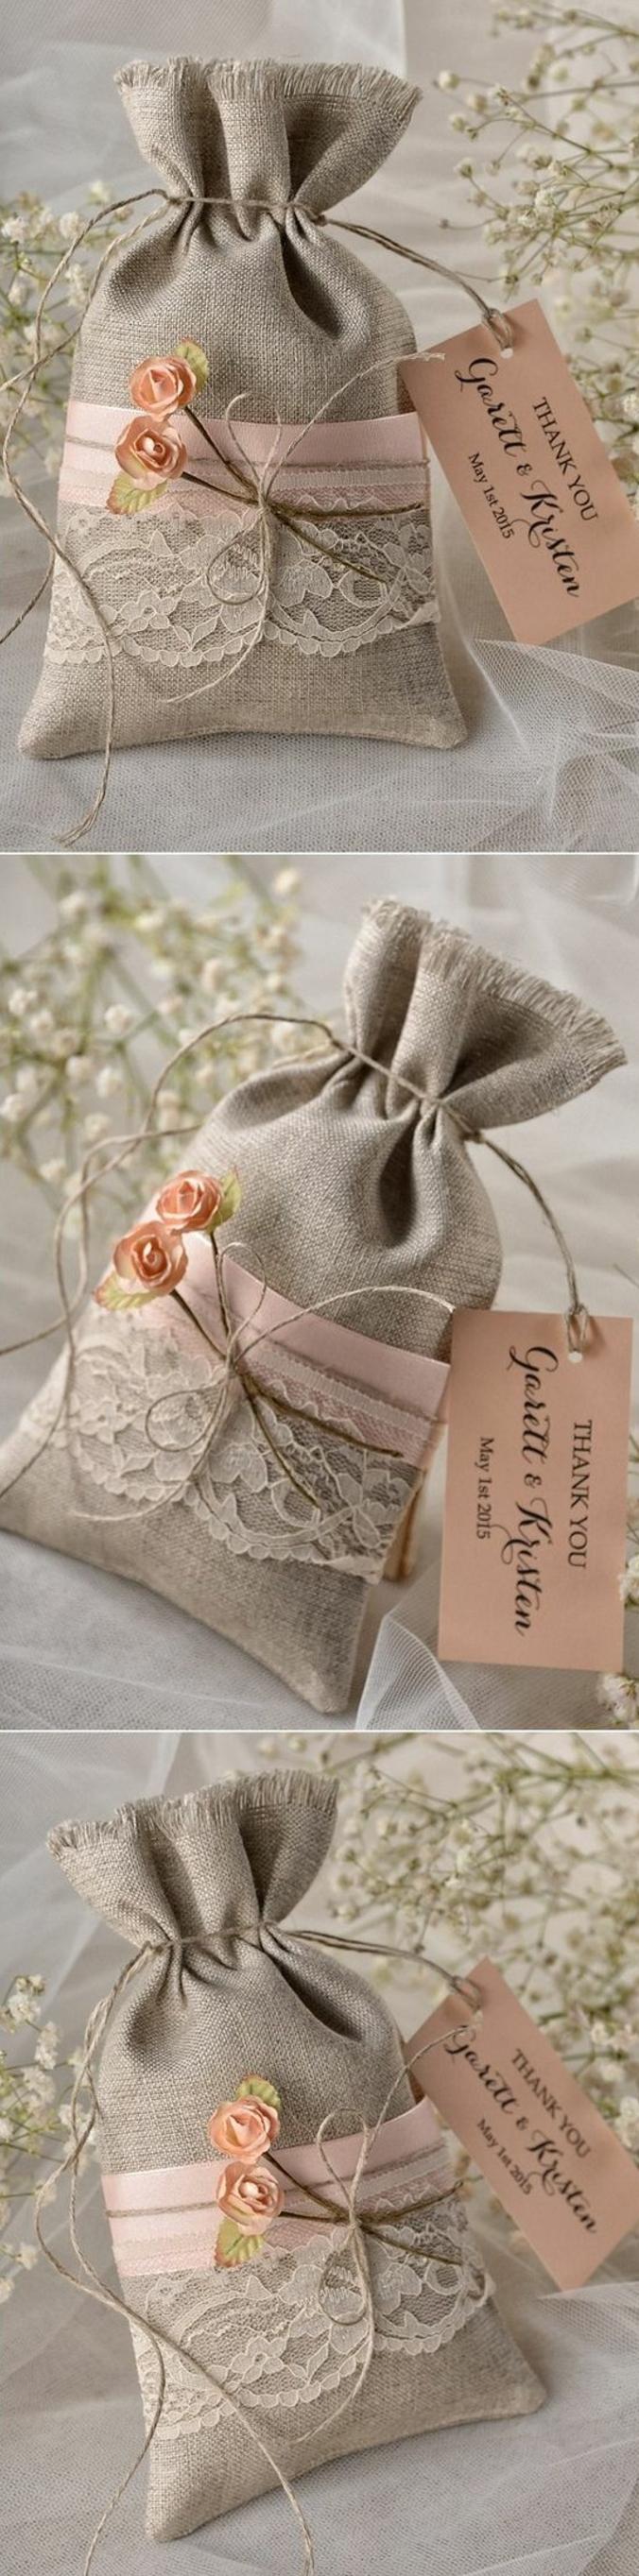 comment faire un cadeau invité mariage, petits sacs en toile de jute, customisés de ruban rose et dentelle blanche vintage, étiquette rose